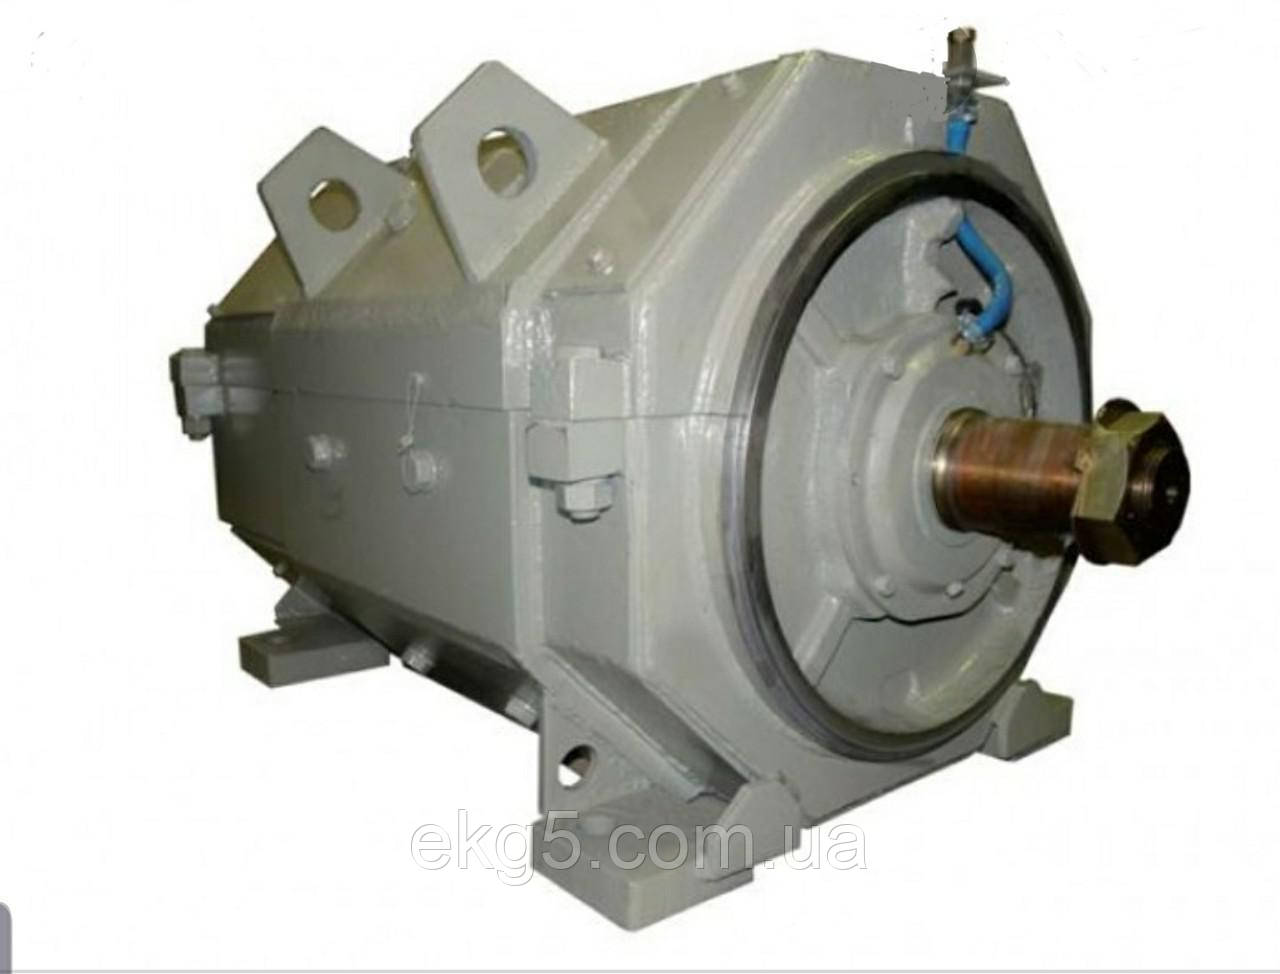 Электродвигатель ДЭ 812